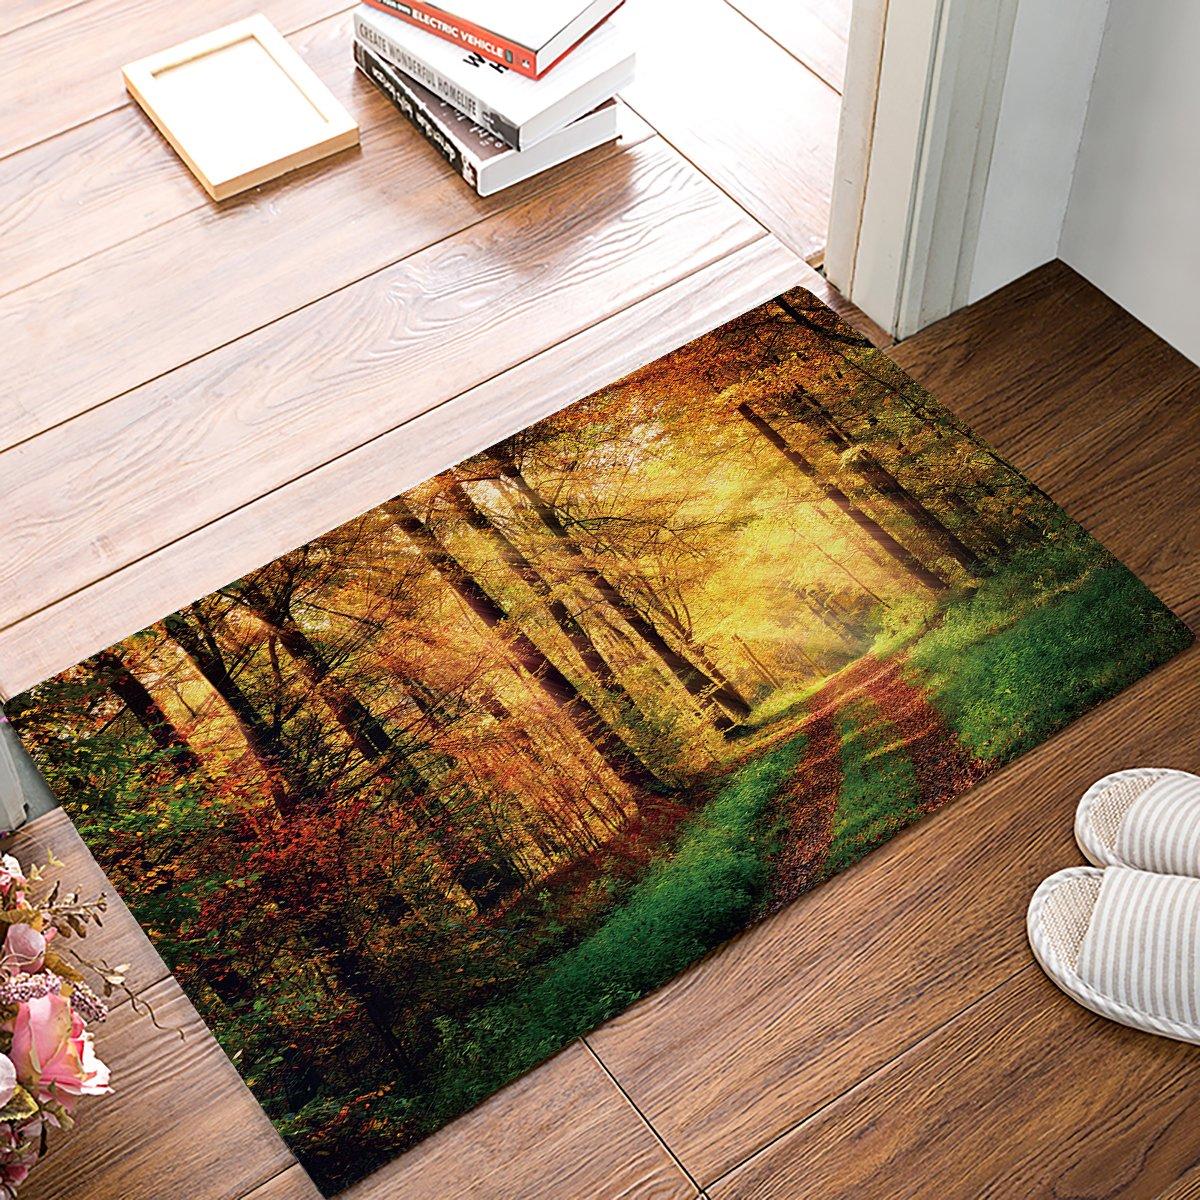 Libaoge Autumn Forest Scenery with Rays of Warm Sun Lights on Shady Trees Woods Doormat Welcome Mat Entrance Mat Indoor/Outdoor Door Mats Floor Mat Bath Mat